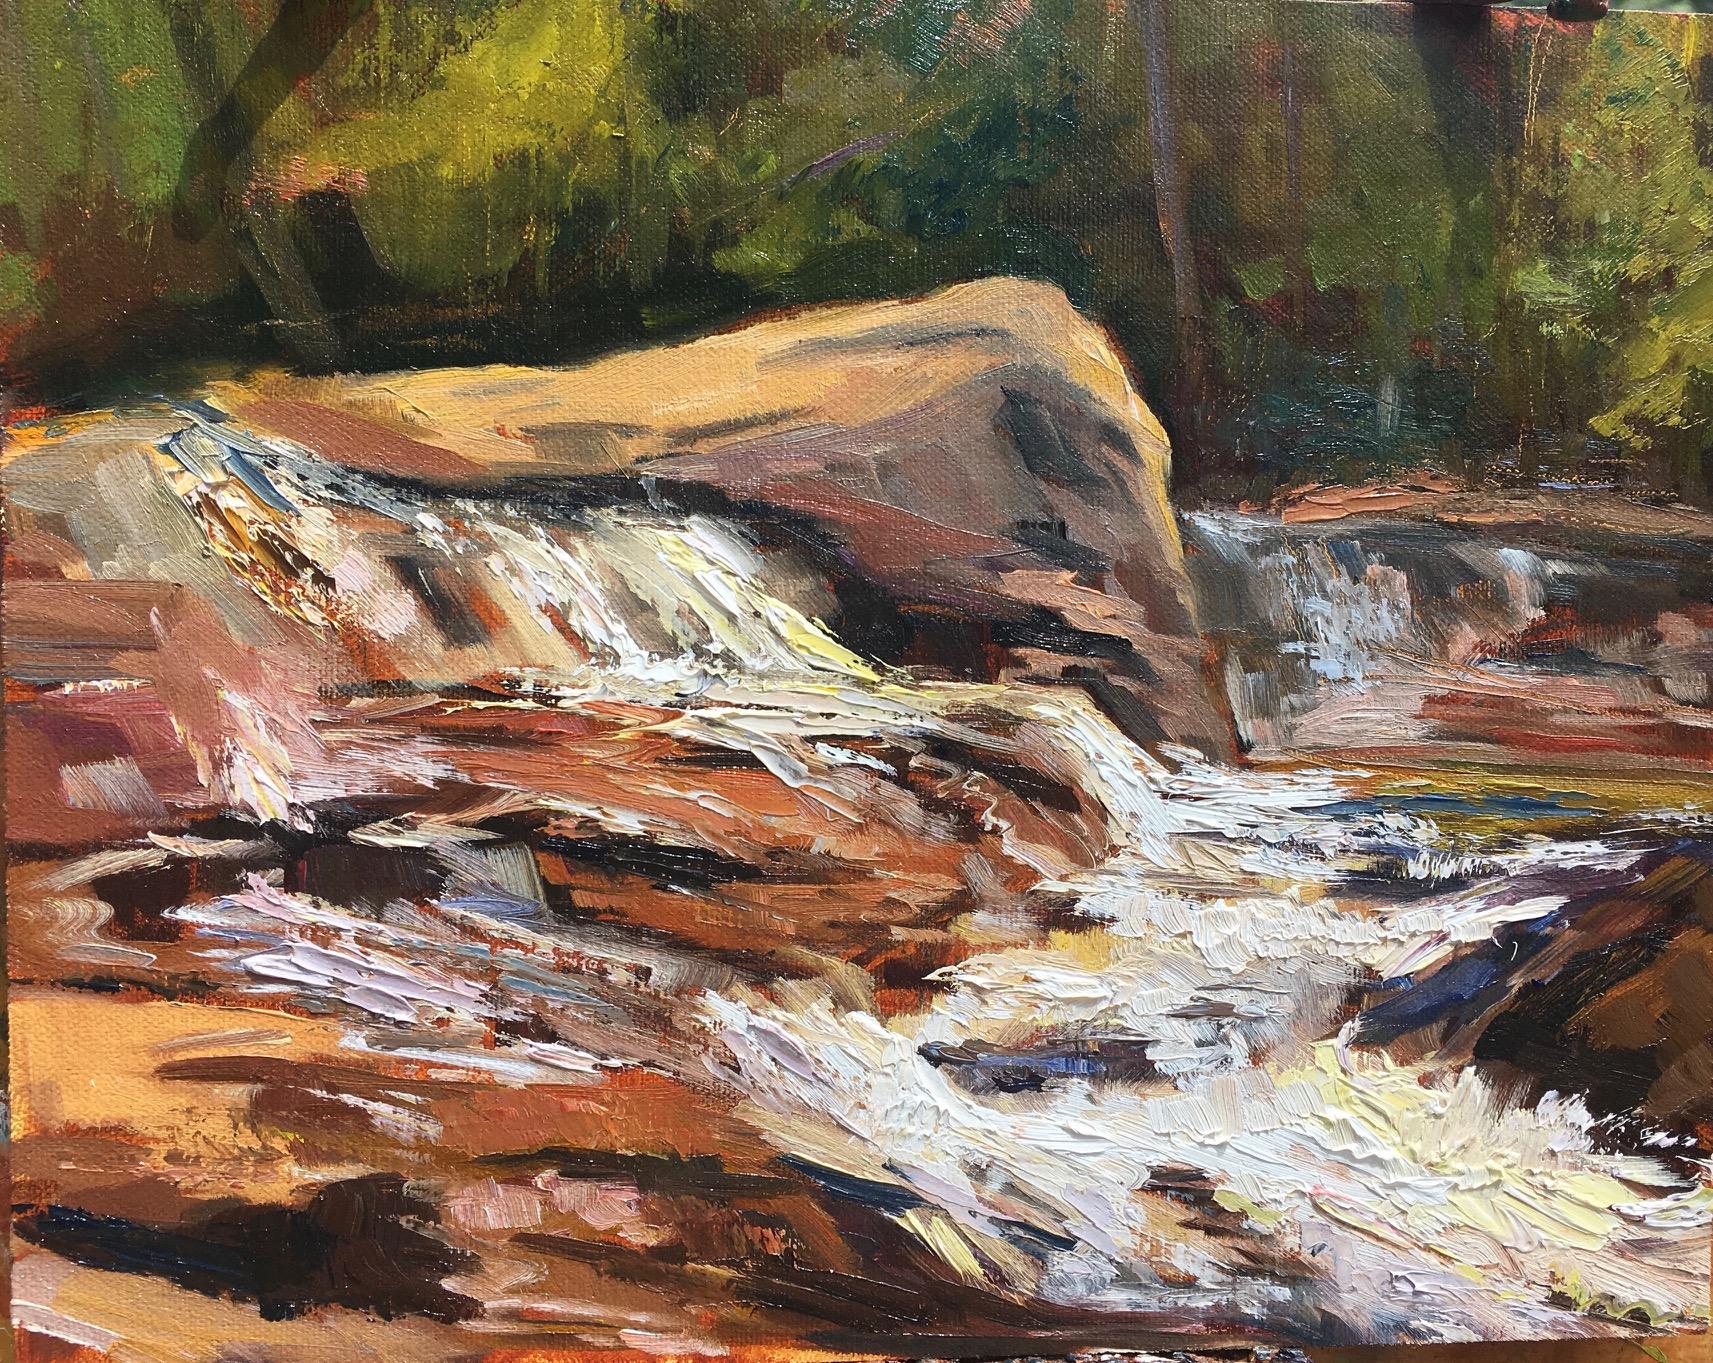 White Water at Jackson Falls